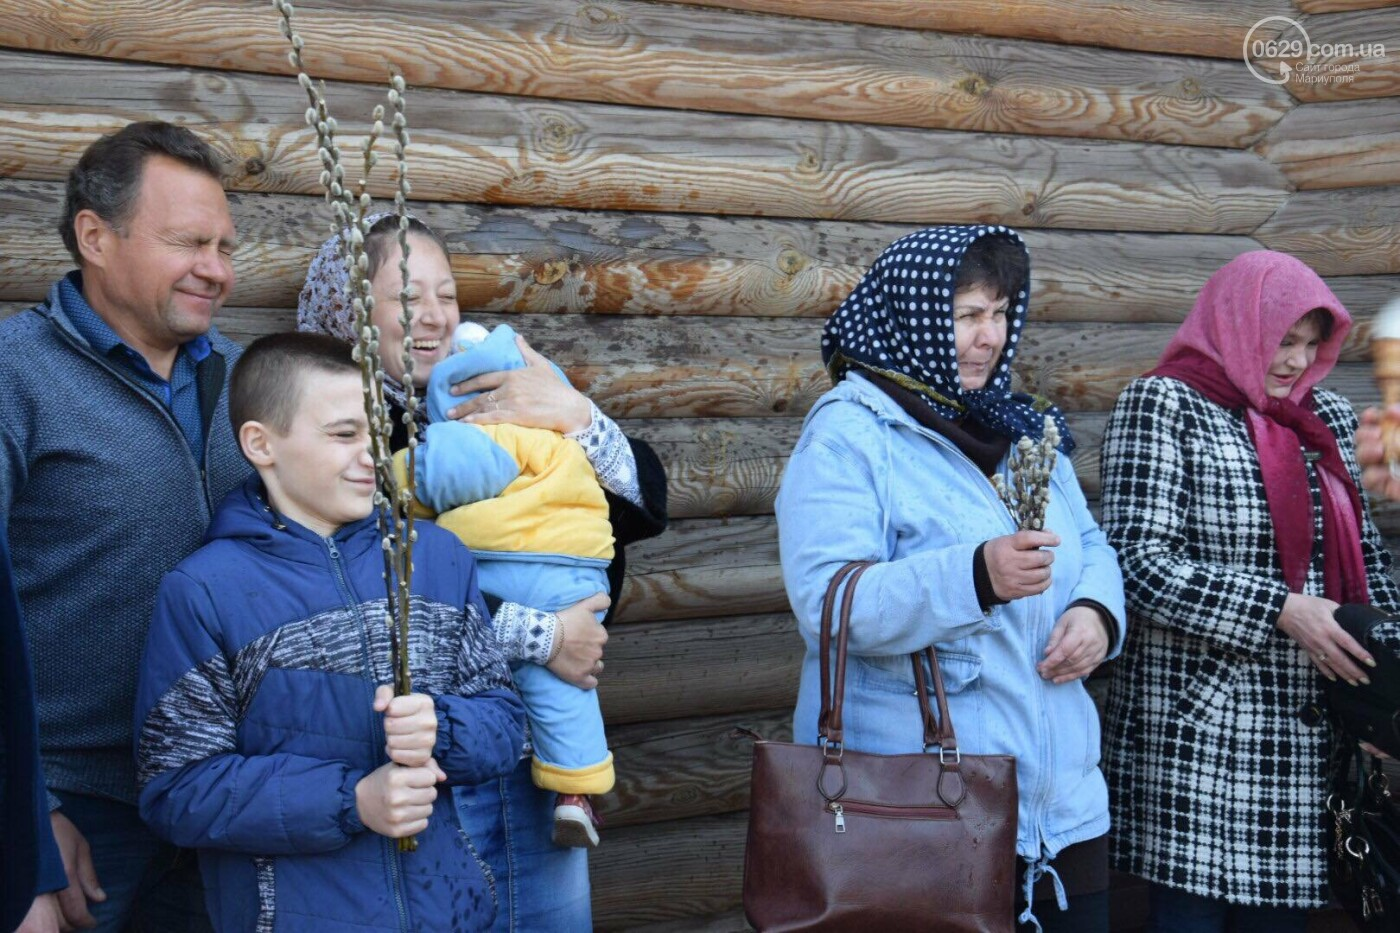 Выборы и верба: как Мариуполь празднует православный праздник, - ФОТОРЕПОРТАЖ, фото-40